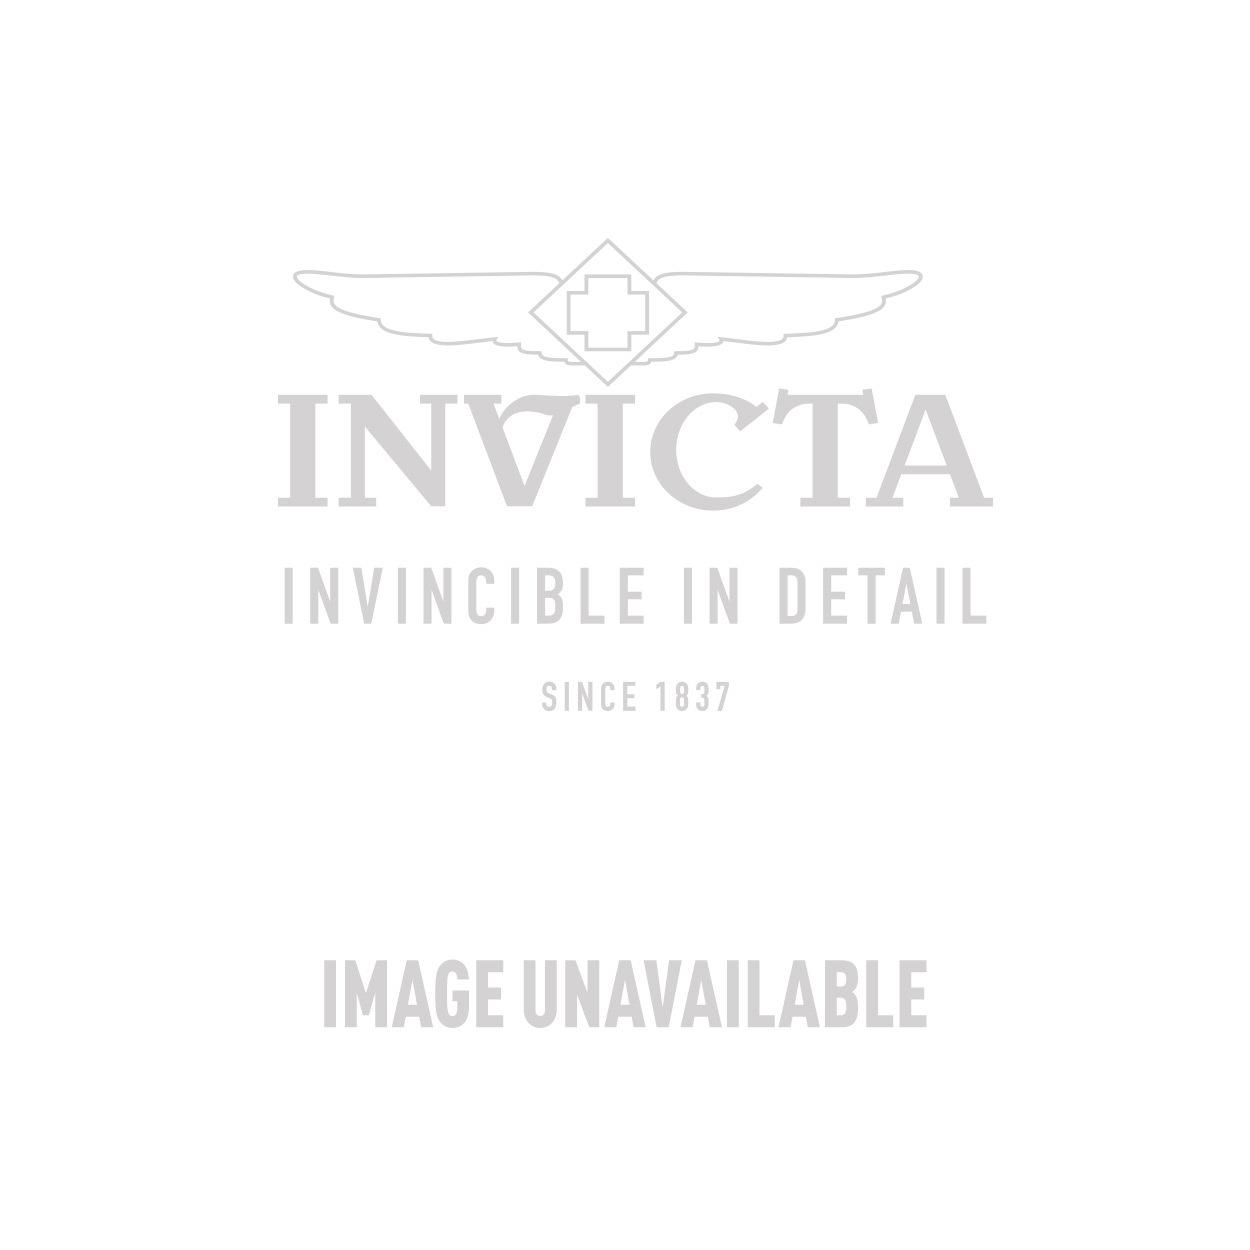 Invicta Model 27520